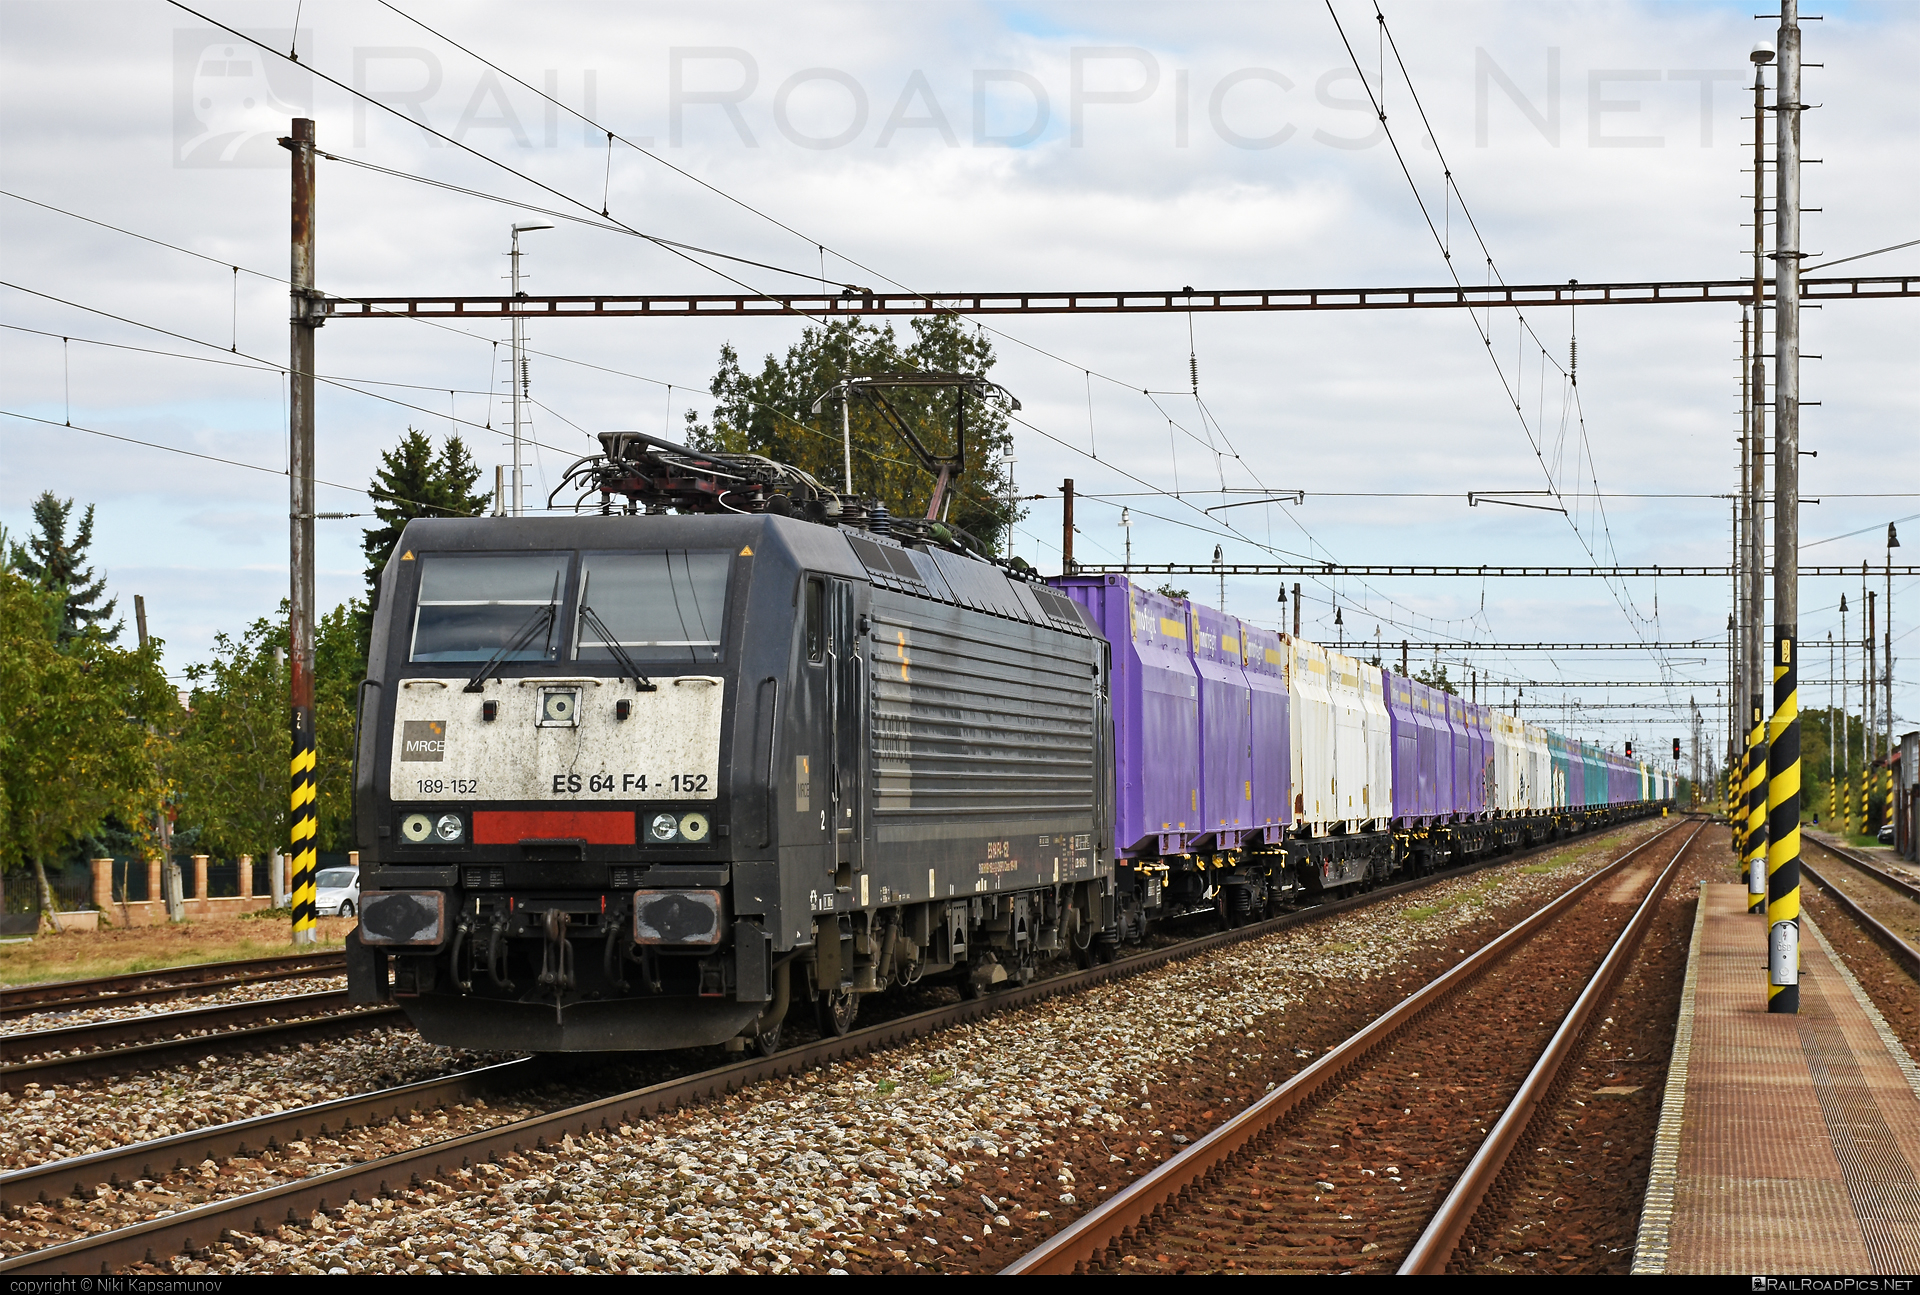 Siemens ES 64 F4 - 189 152-2 operated by Retrack Slovakia s. r. o. #dispolok #es64 #es64f4 #eurosprinter #flatwagon #mitsuirailcapitaleurope #mitsuirailcapitaleuropegmbh #mrce #retrack #retrackslovakia #siemens #siemenses64 #siemenses64f4